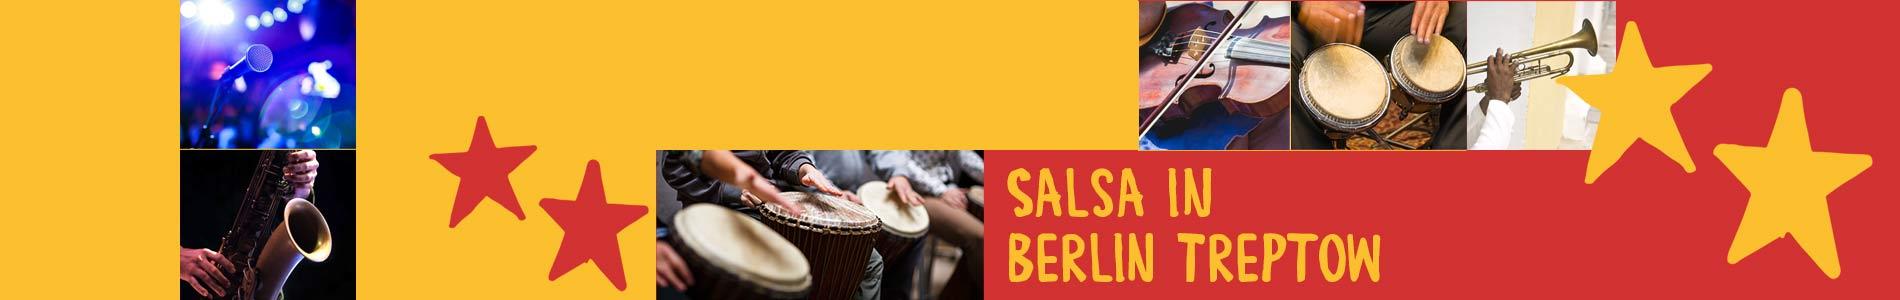 Salsa in Berlin Treptow – Salsa lernen und tanzen, Tanzkurse, Partys, Veranstaltungen